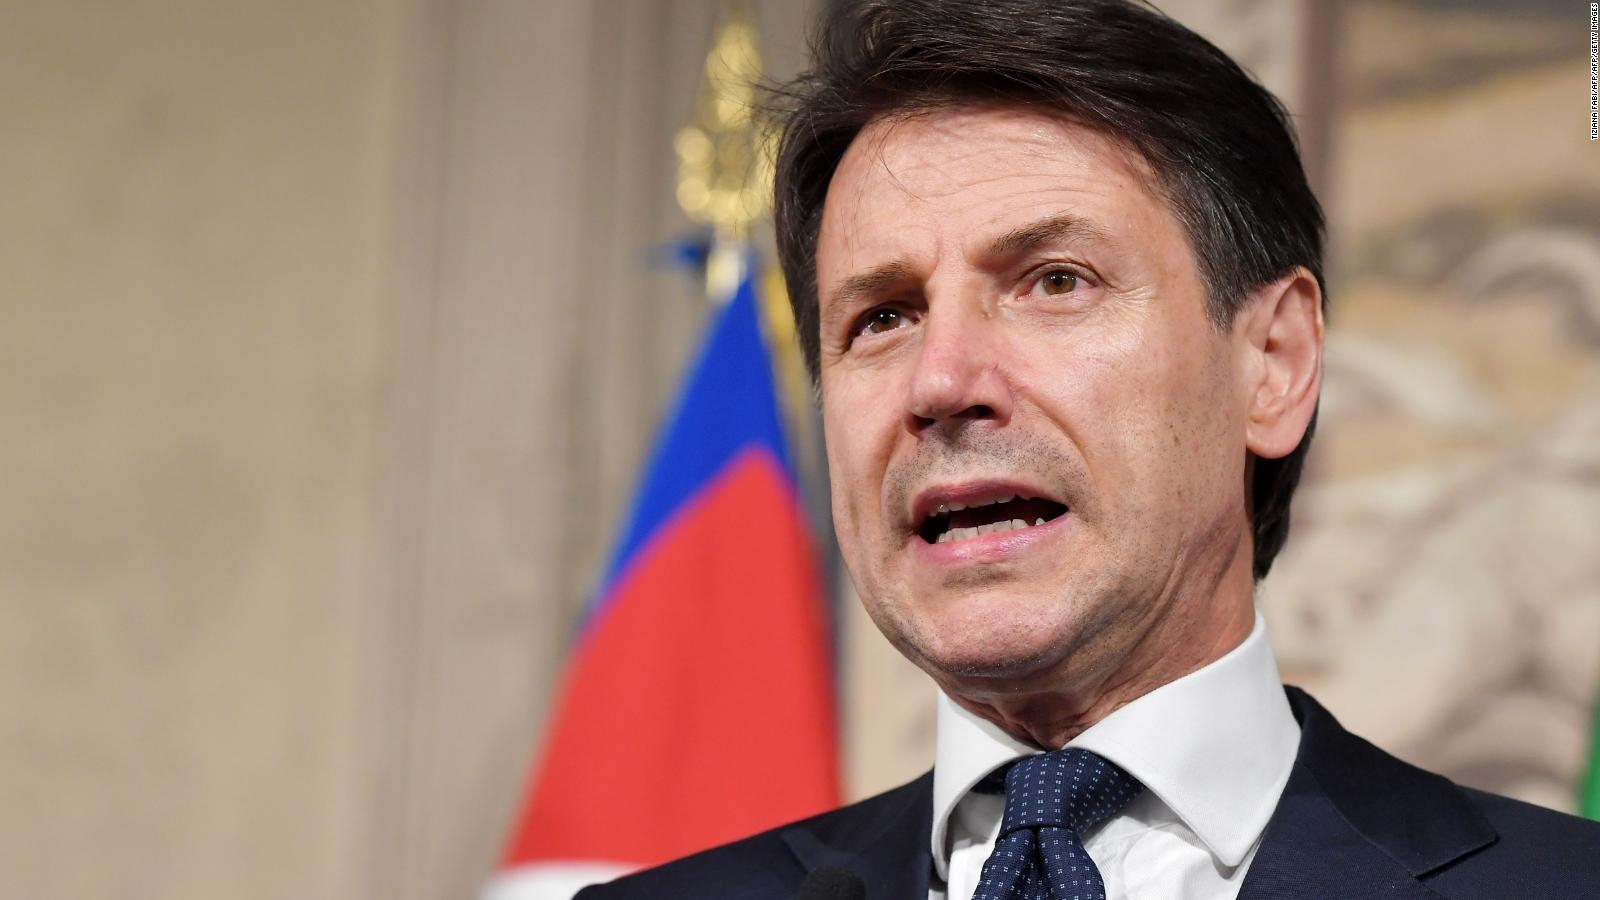 Κόντε: Δεν αποκηρύττουμε το ευρώ